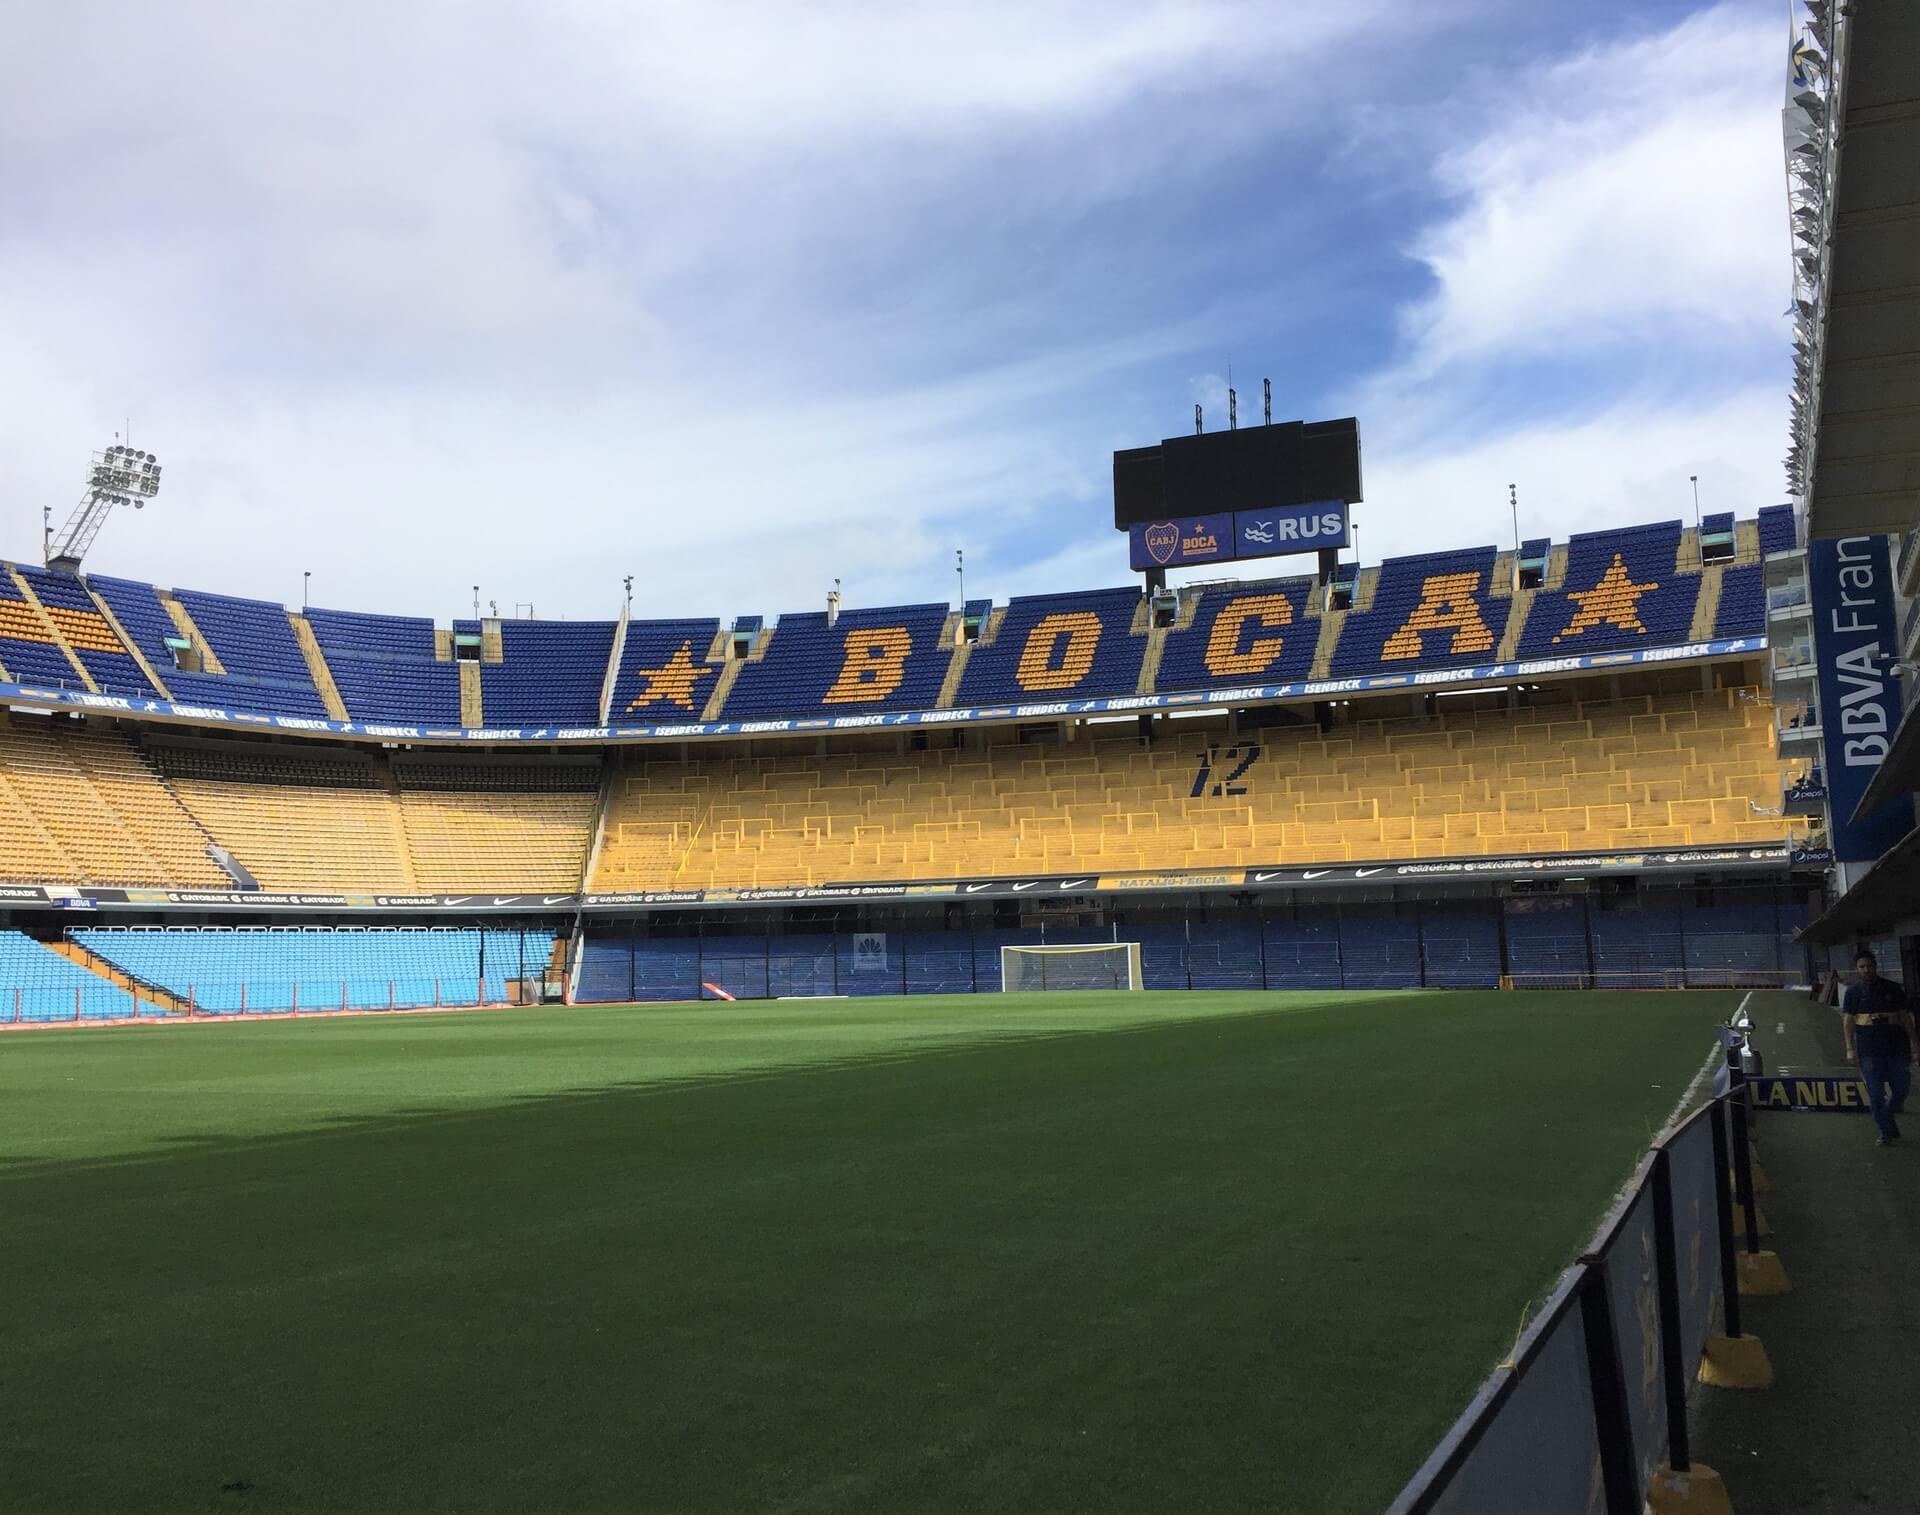 Esta é uma atração para quem realmente ama futebol e quer ter a sensação de estar entrando em campo em um dos estádios mais emblemáticos da América Latina. Foto: Fabíola Cordeiro.